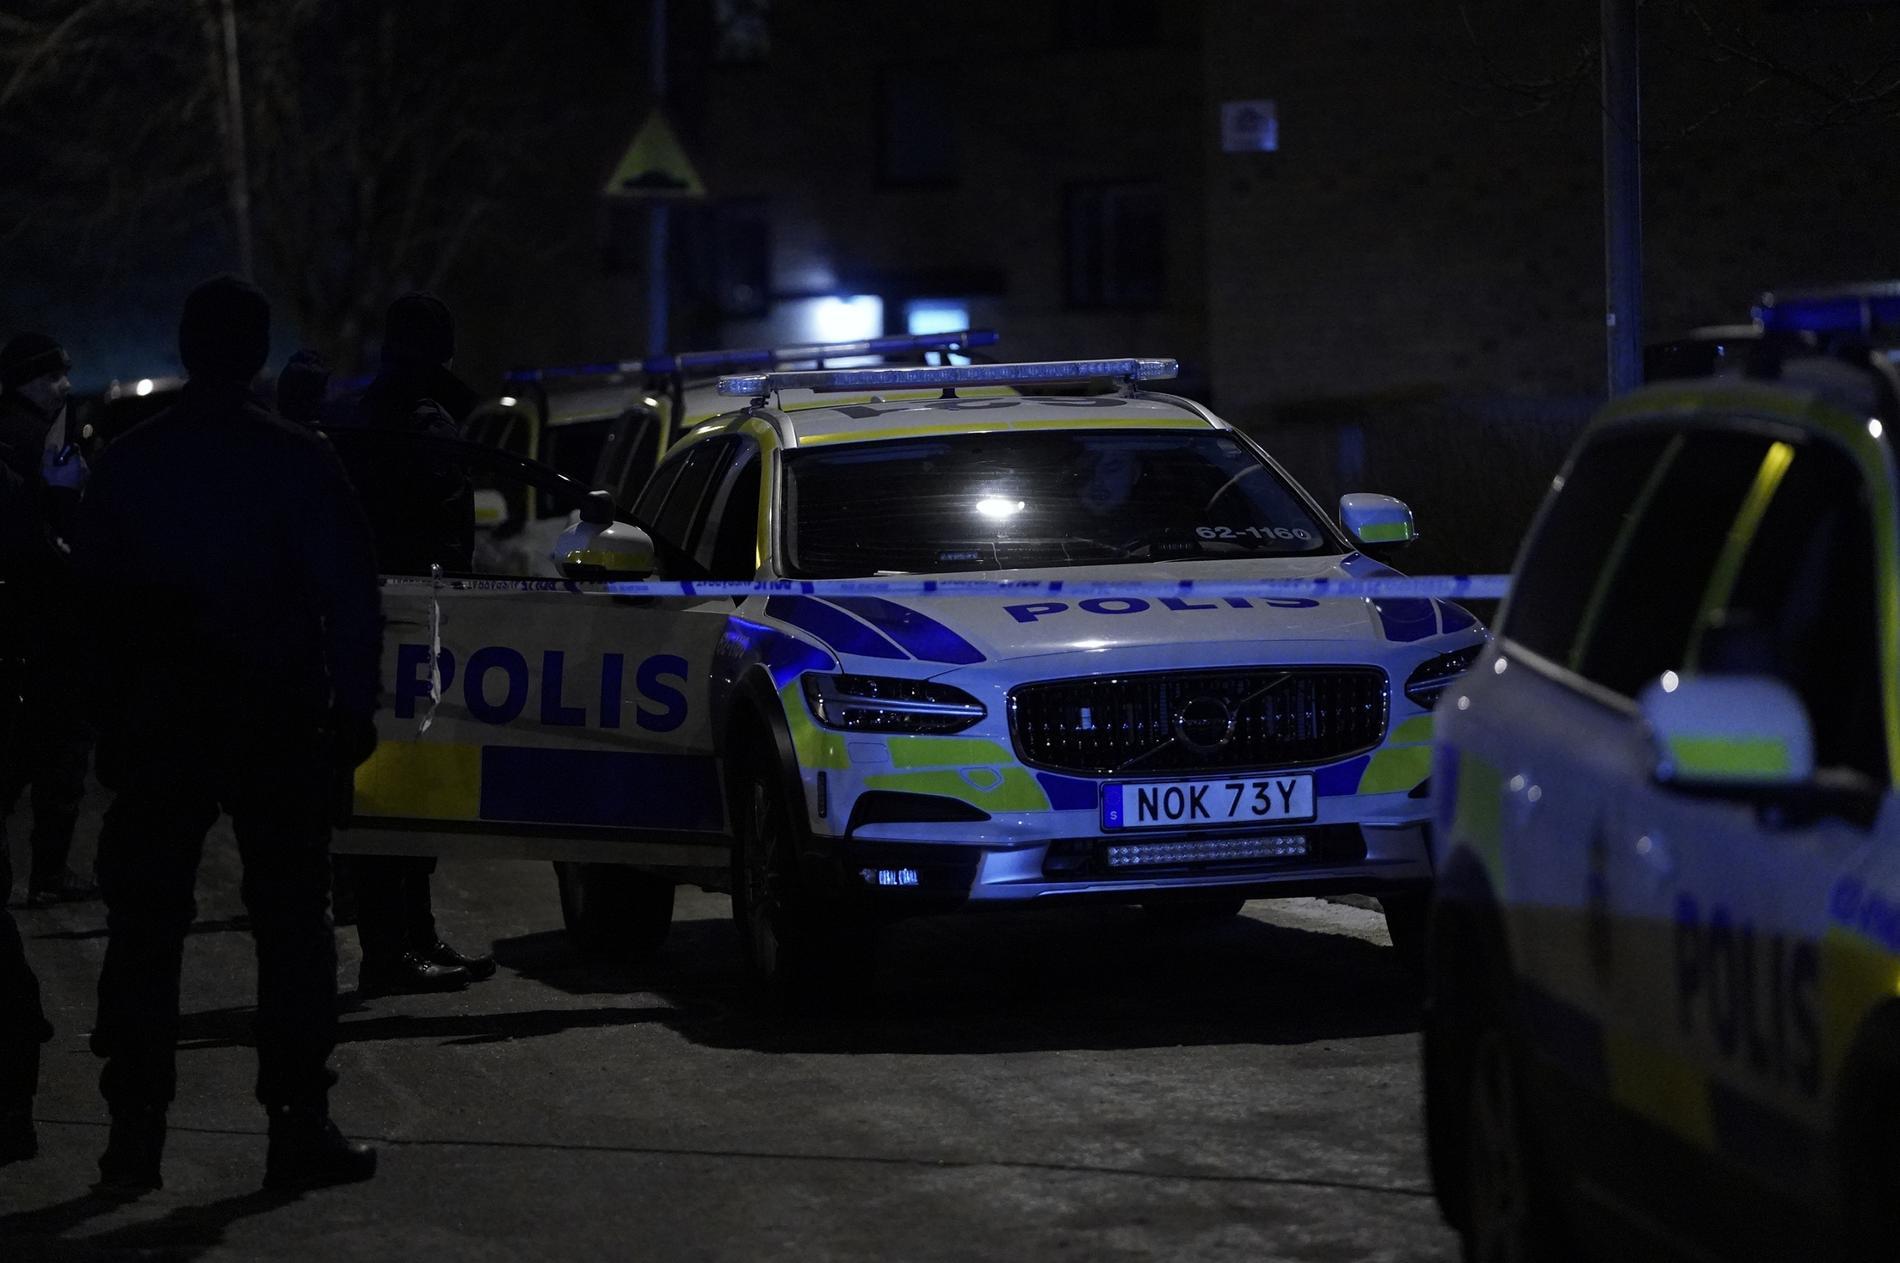 Tre person har förts till sjukhus efter det misstänkta våldsbrottet.